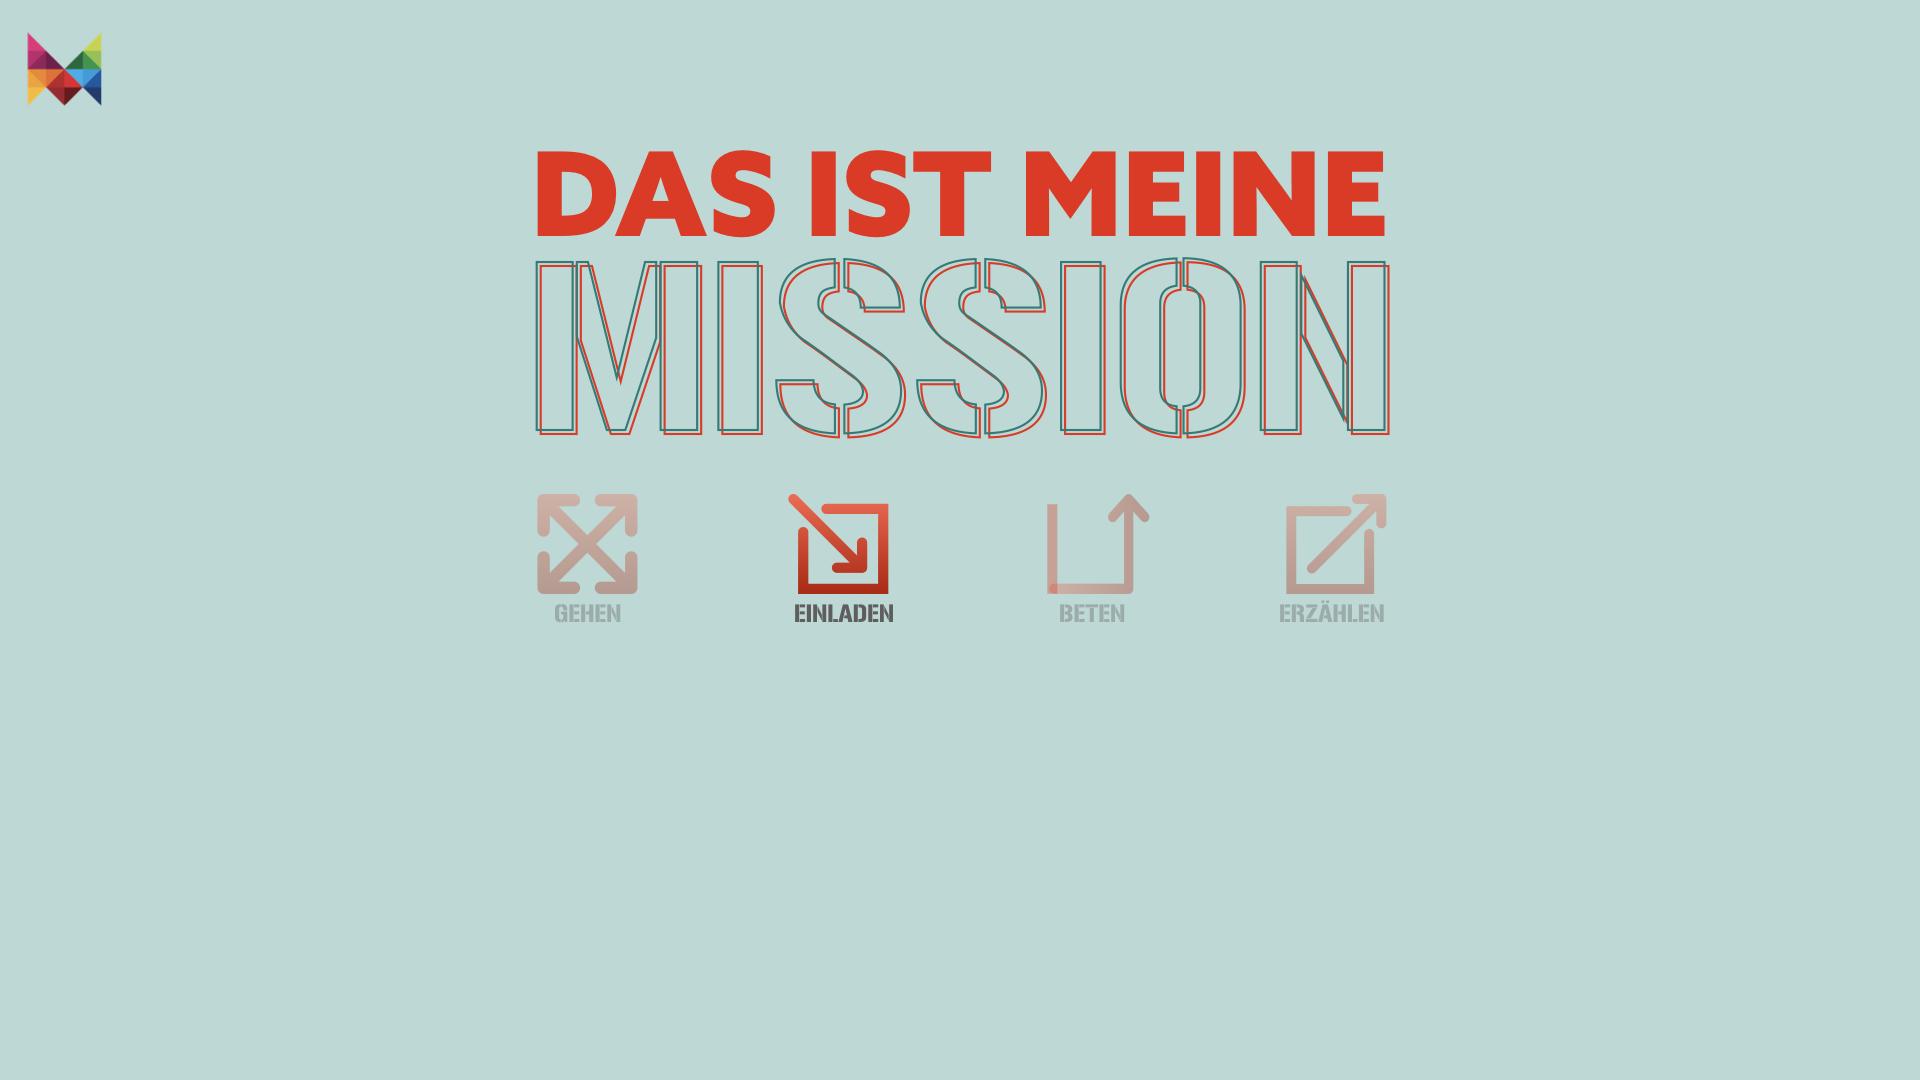 Meine Mission: Einladen